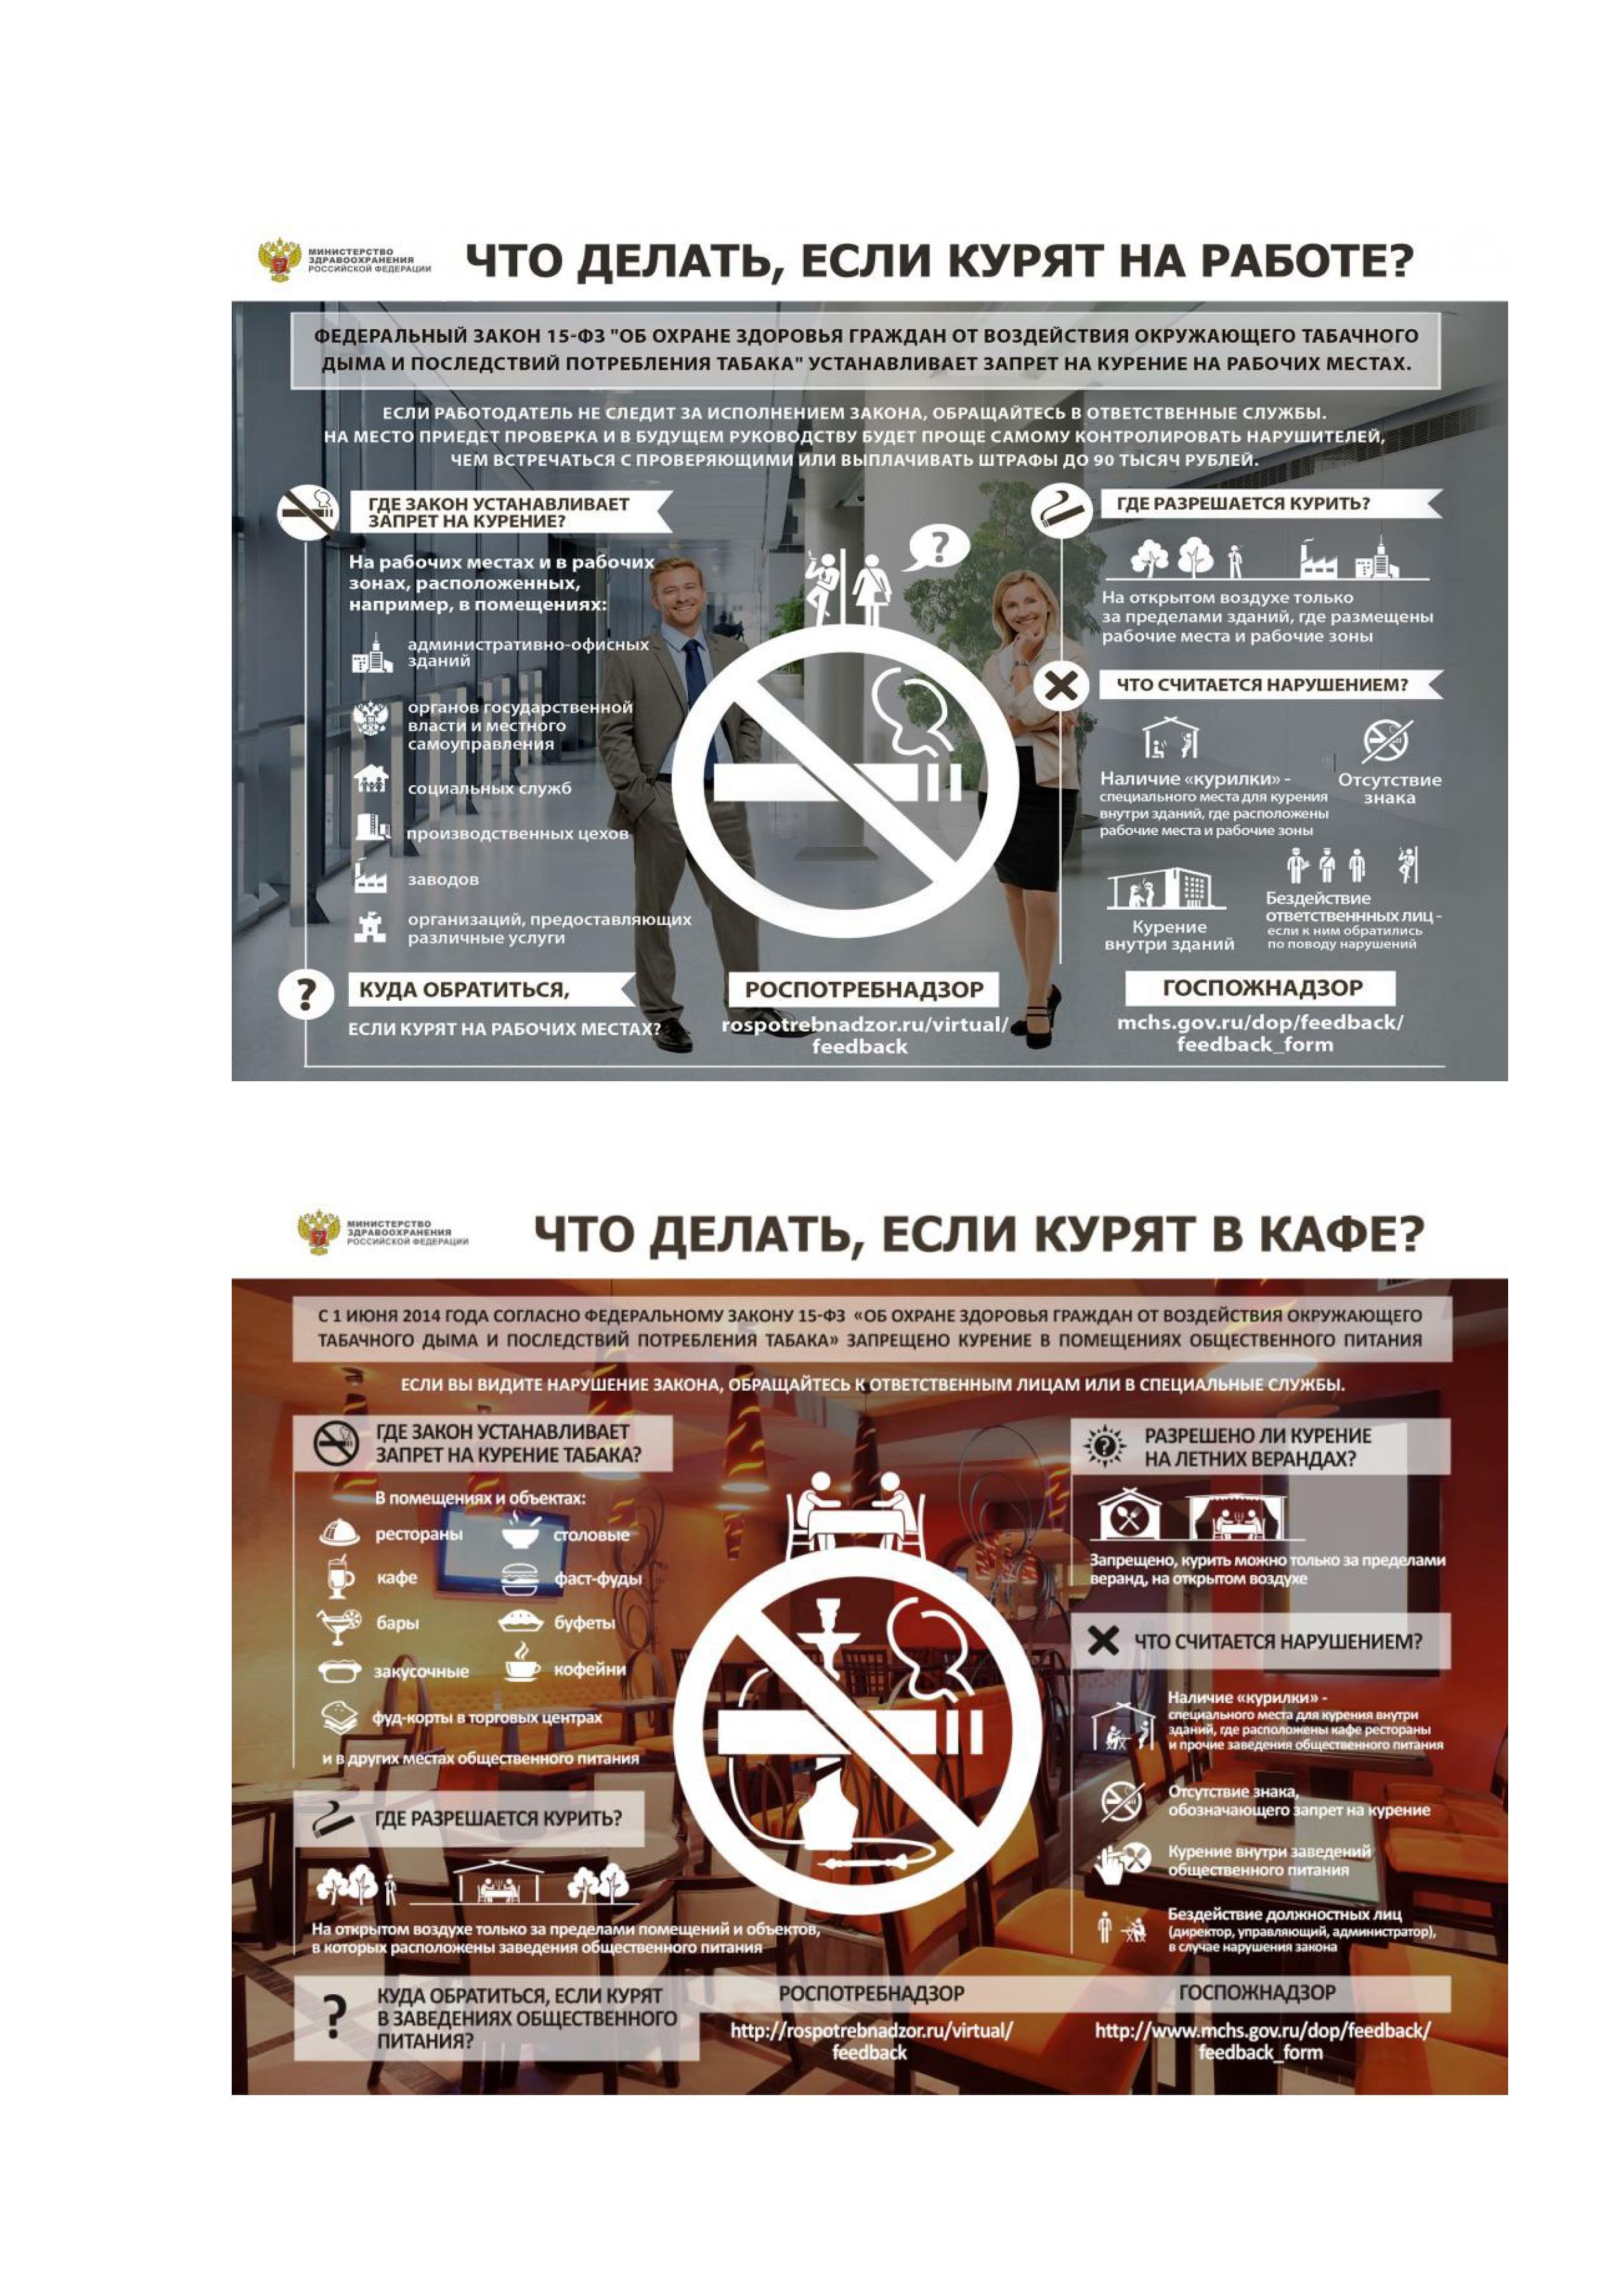 вопросы о курении_01